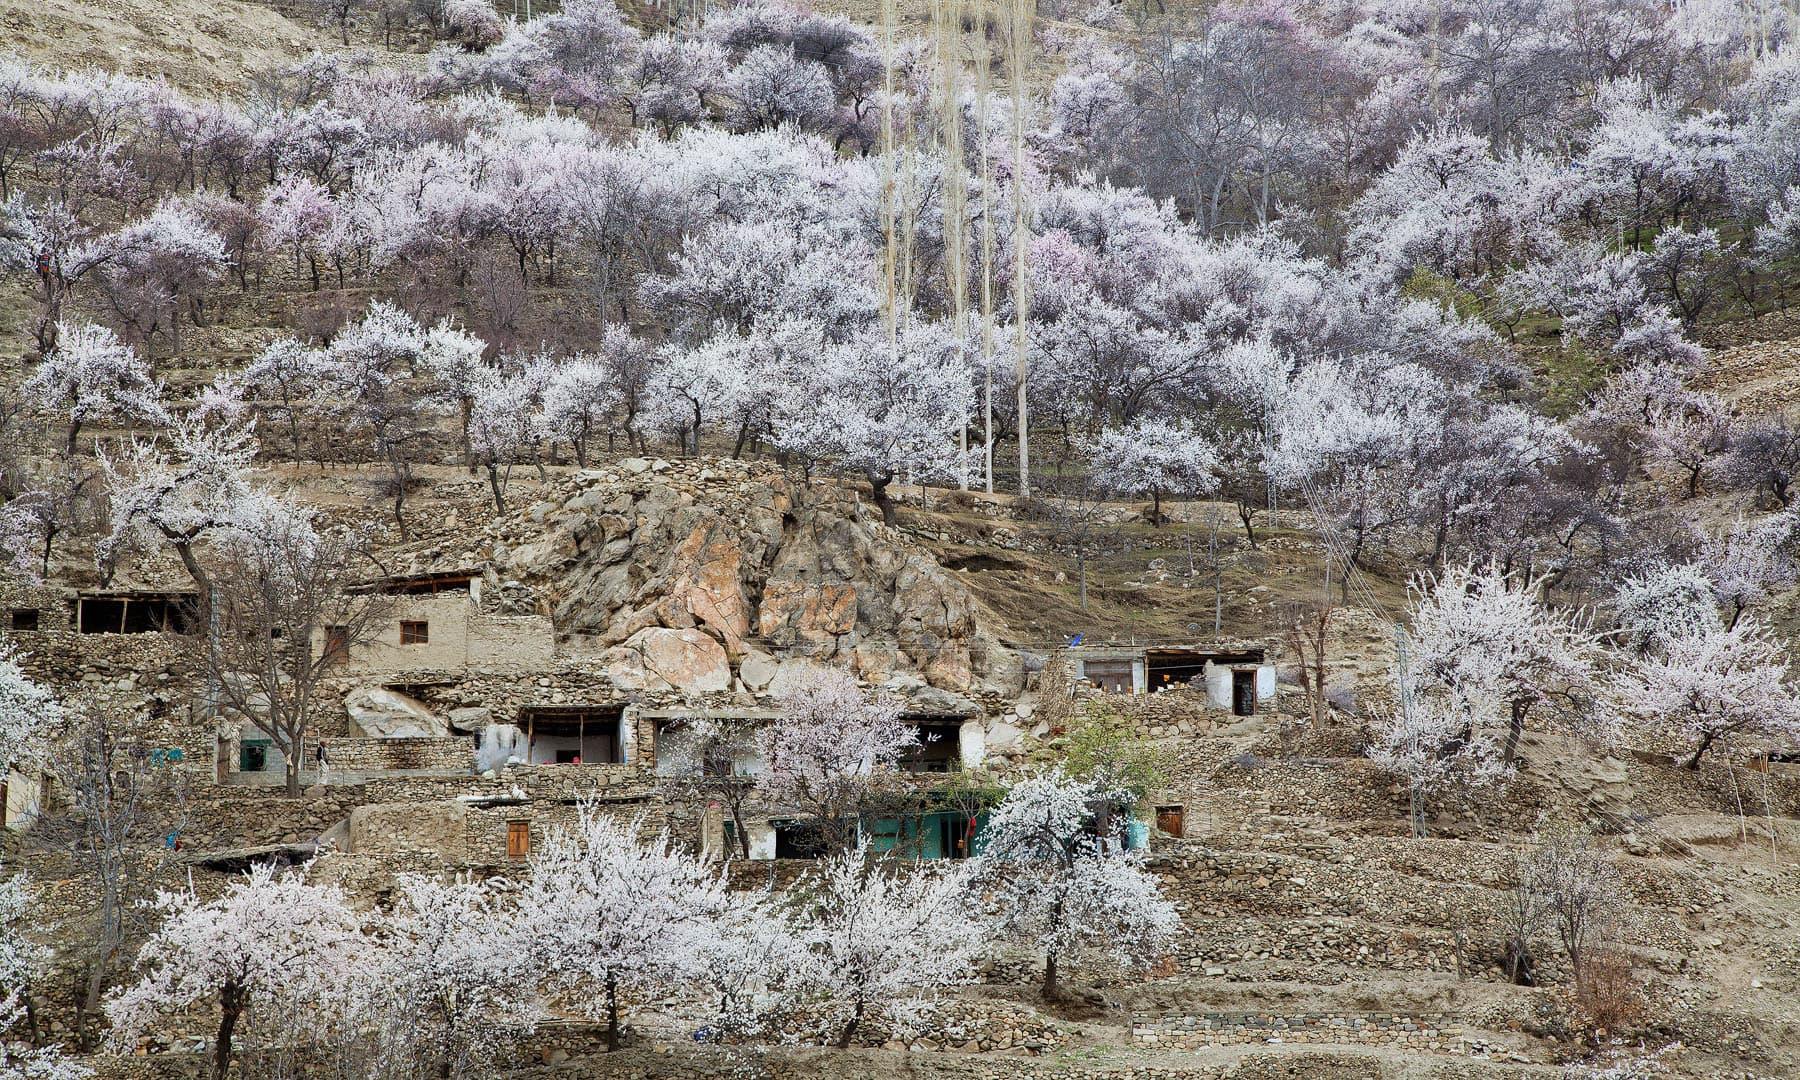 Cherry blossom in Nagar khas